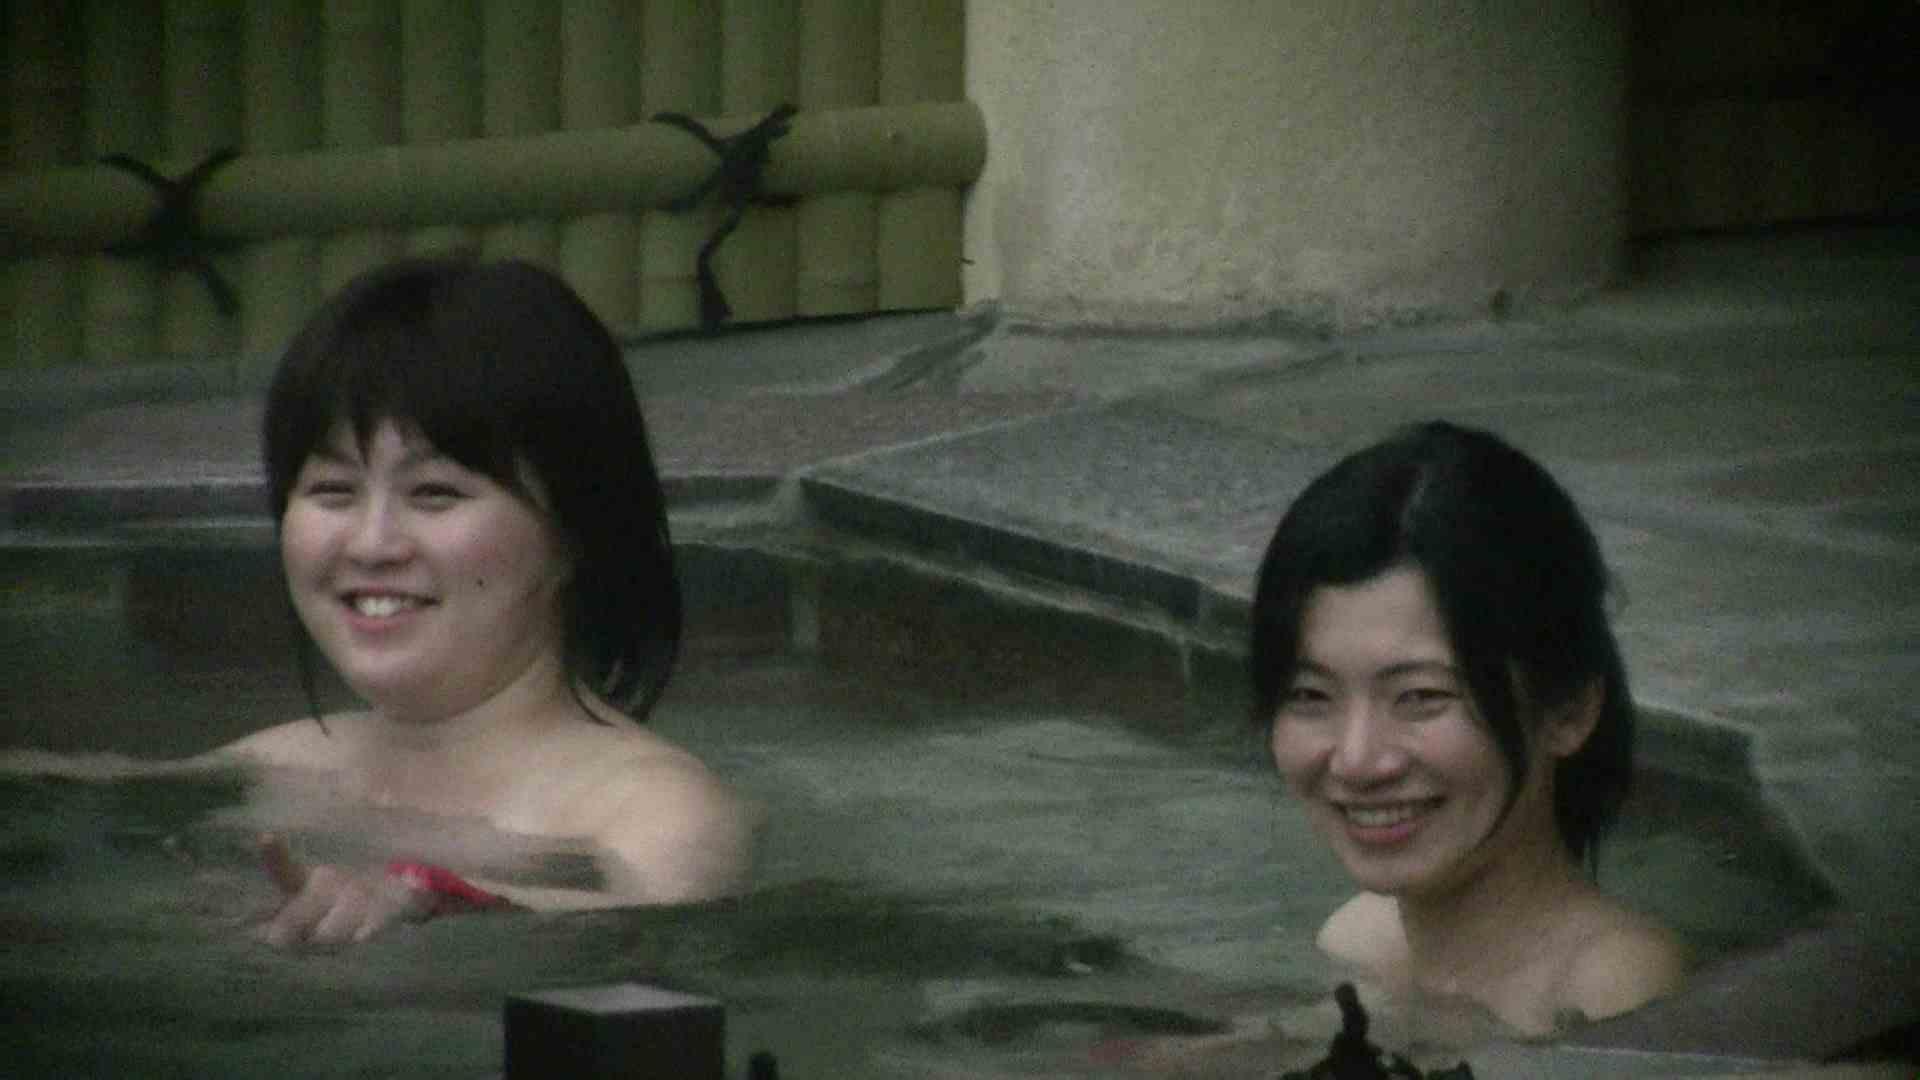 Aquaな露天風呂Vol.539 女体盗撮 隠し撮りおまんこ動画流出 88連発 26